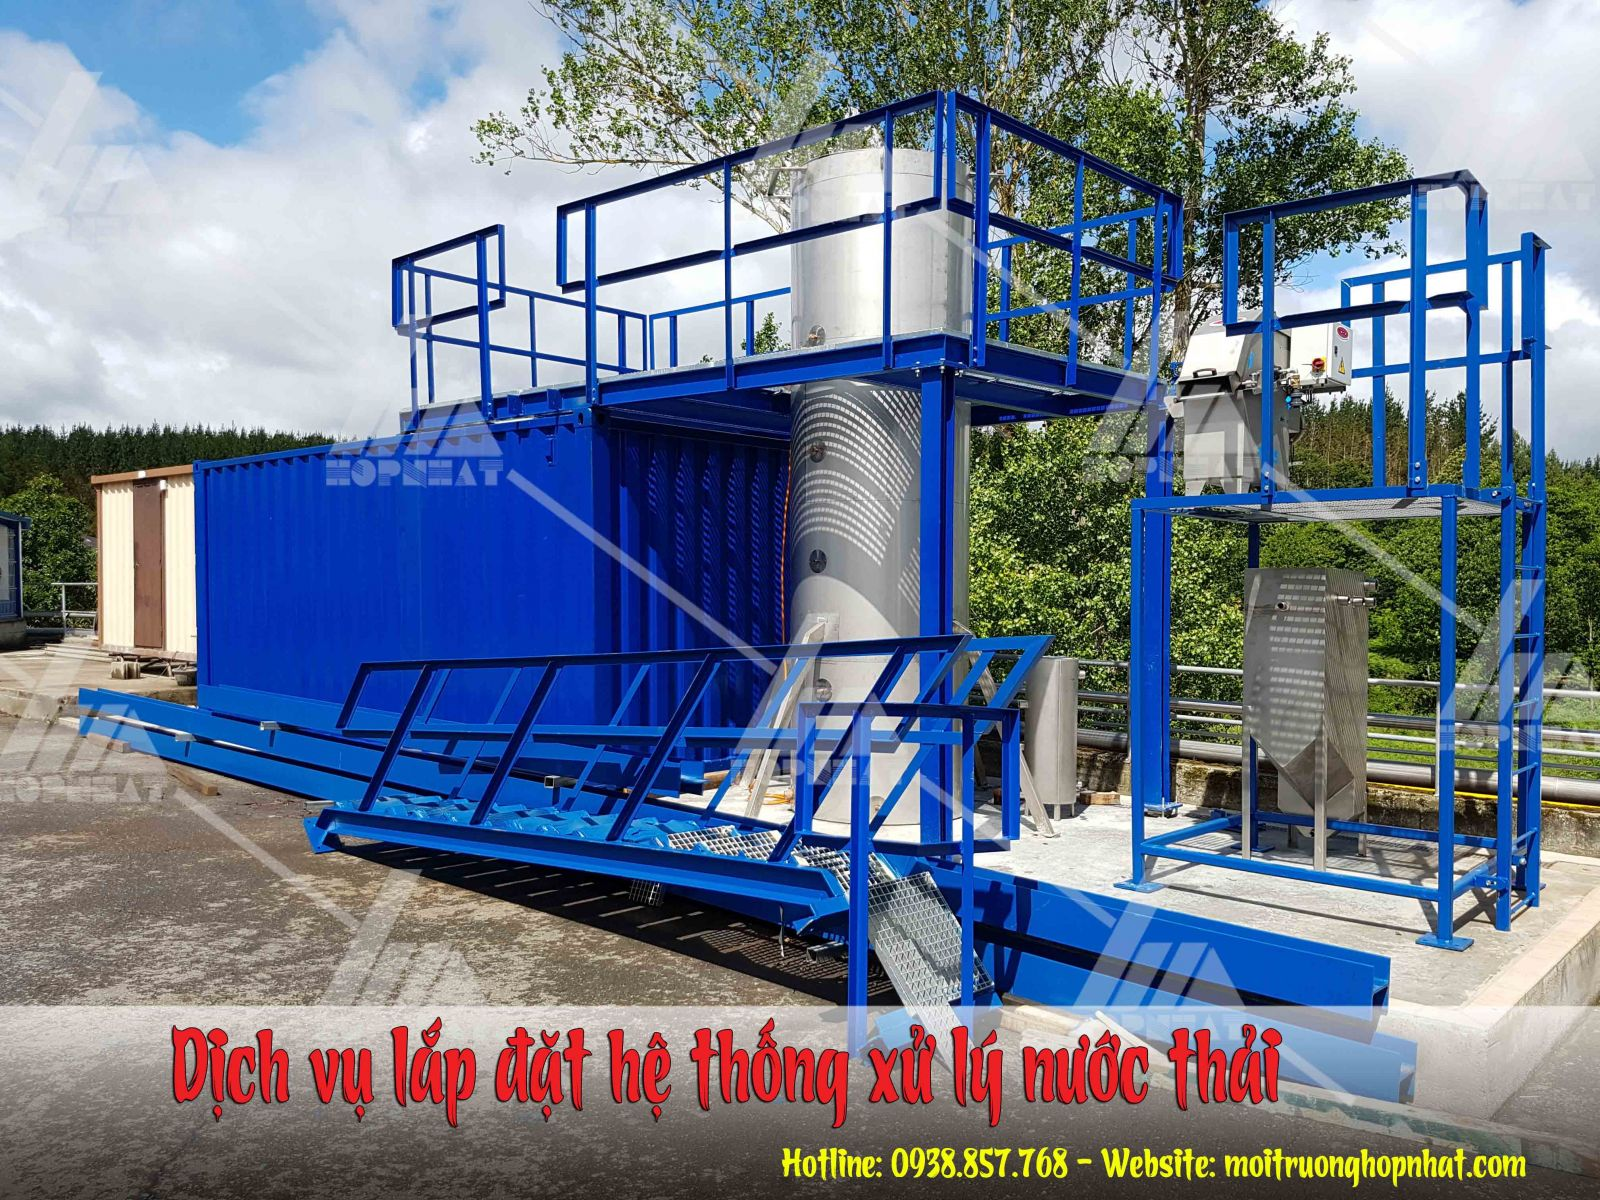 Dịch vụ lắp đặt hệ thống xử lý nước thải